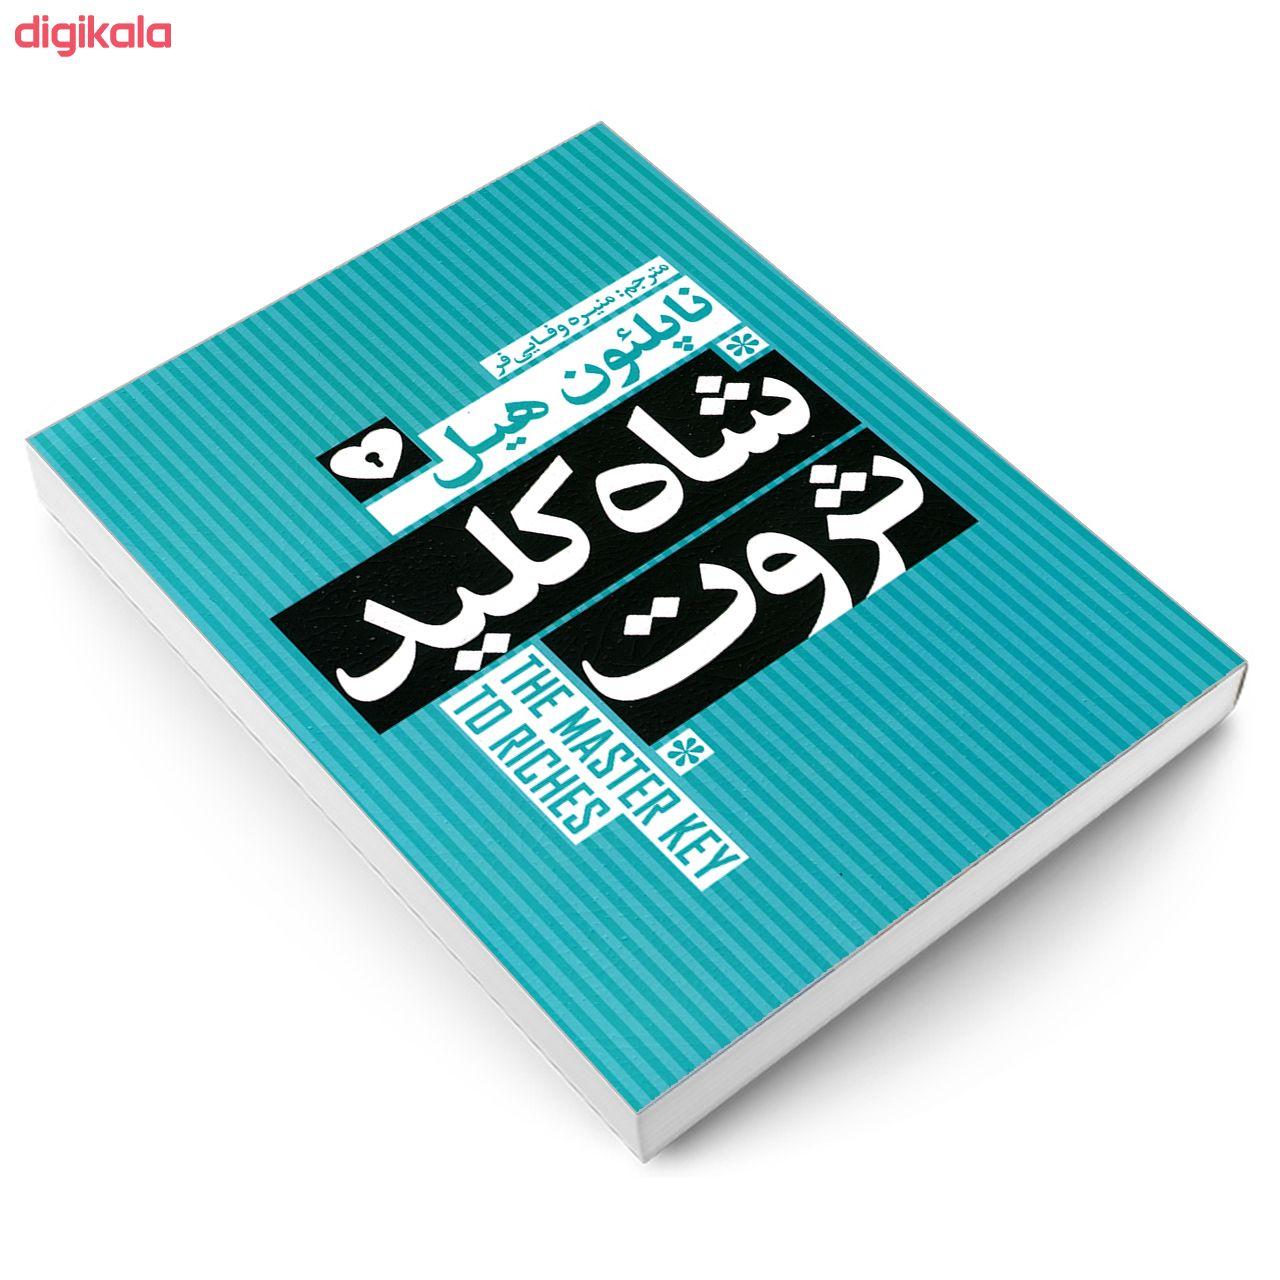 کتاب شاه کلید ثروت اثر ناپلئون هیل انتشارات یوشیتا main 1 2